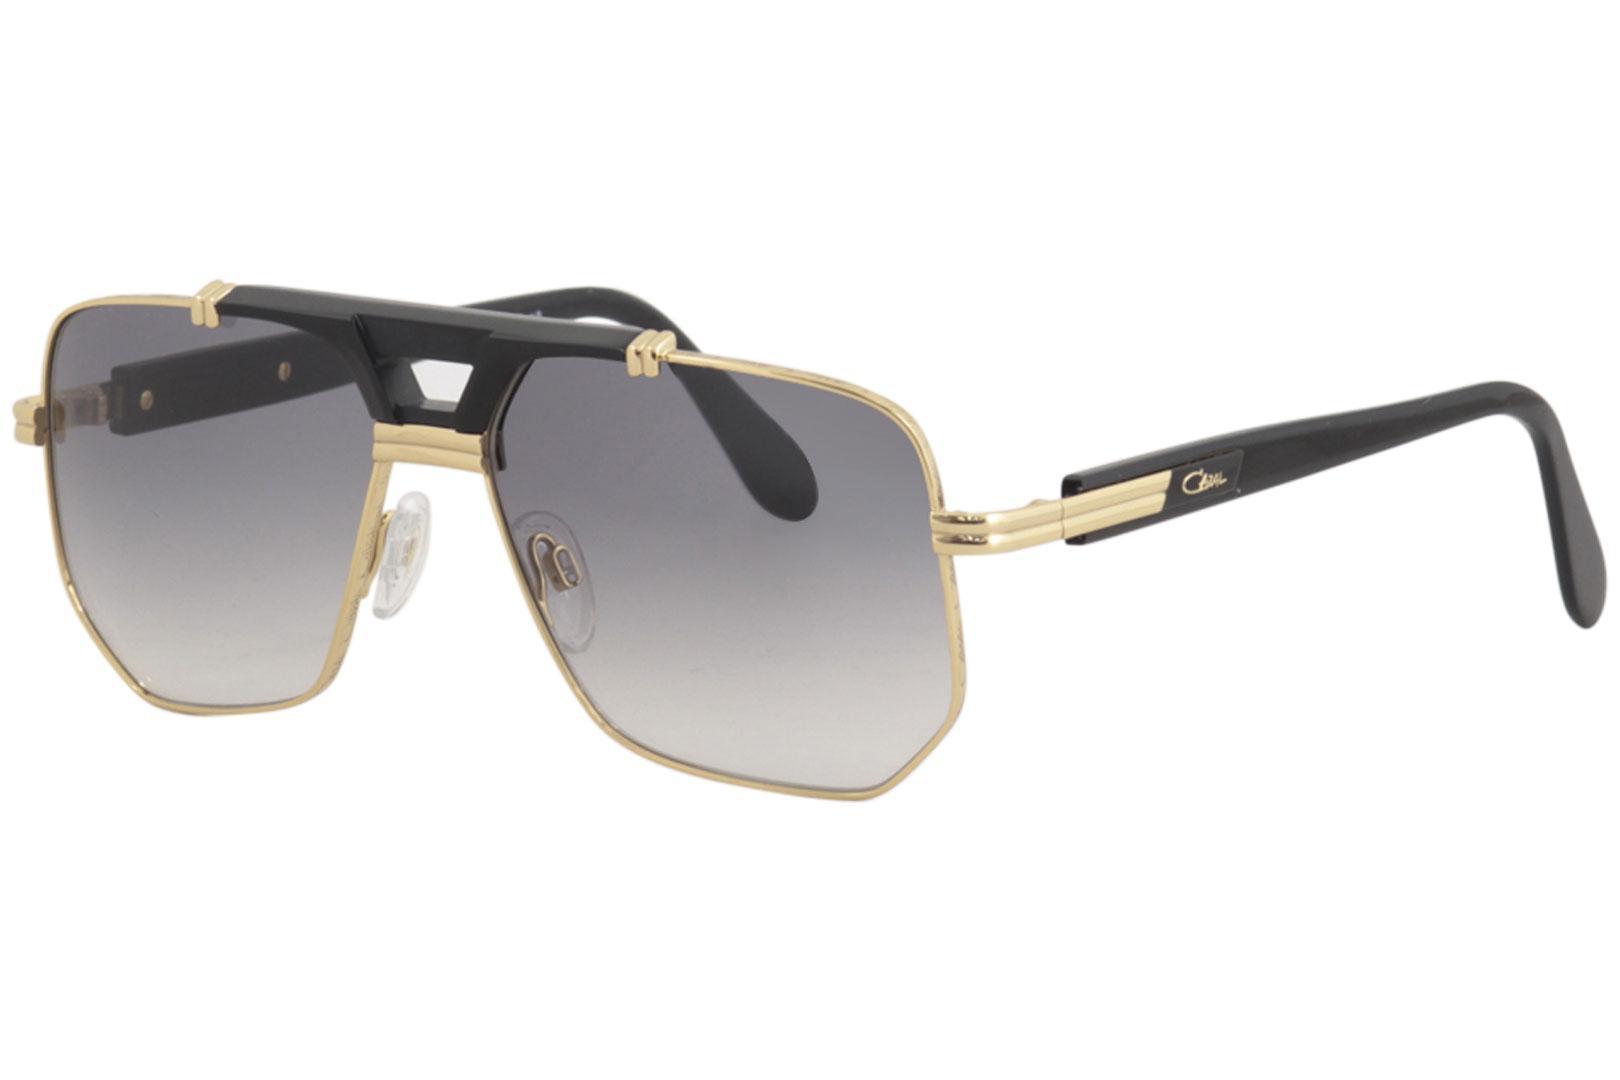 1b730322c3 Cazal Legends Men s 990 Retro Pilot Sunglasses